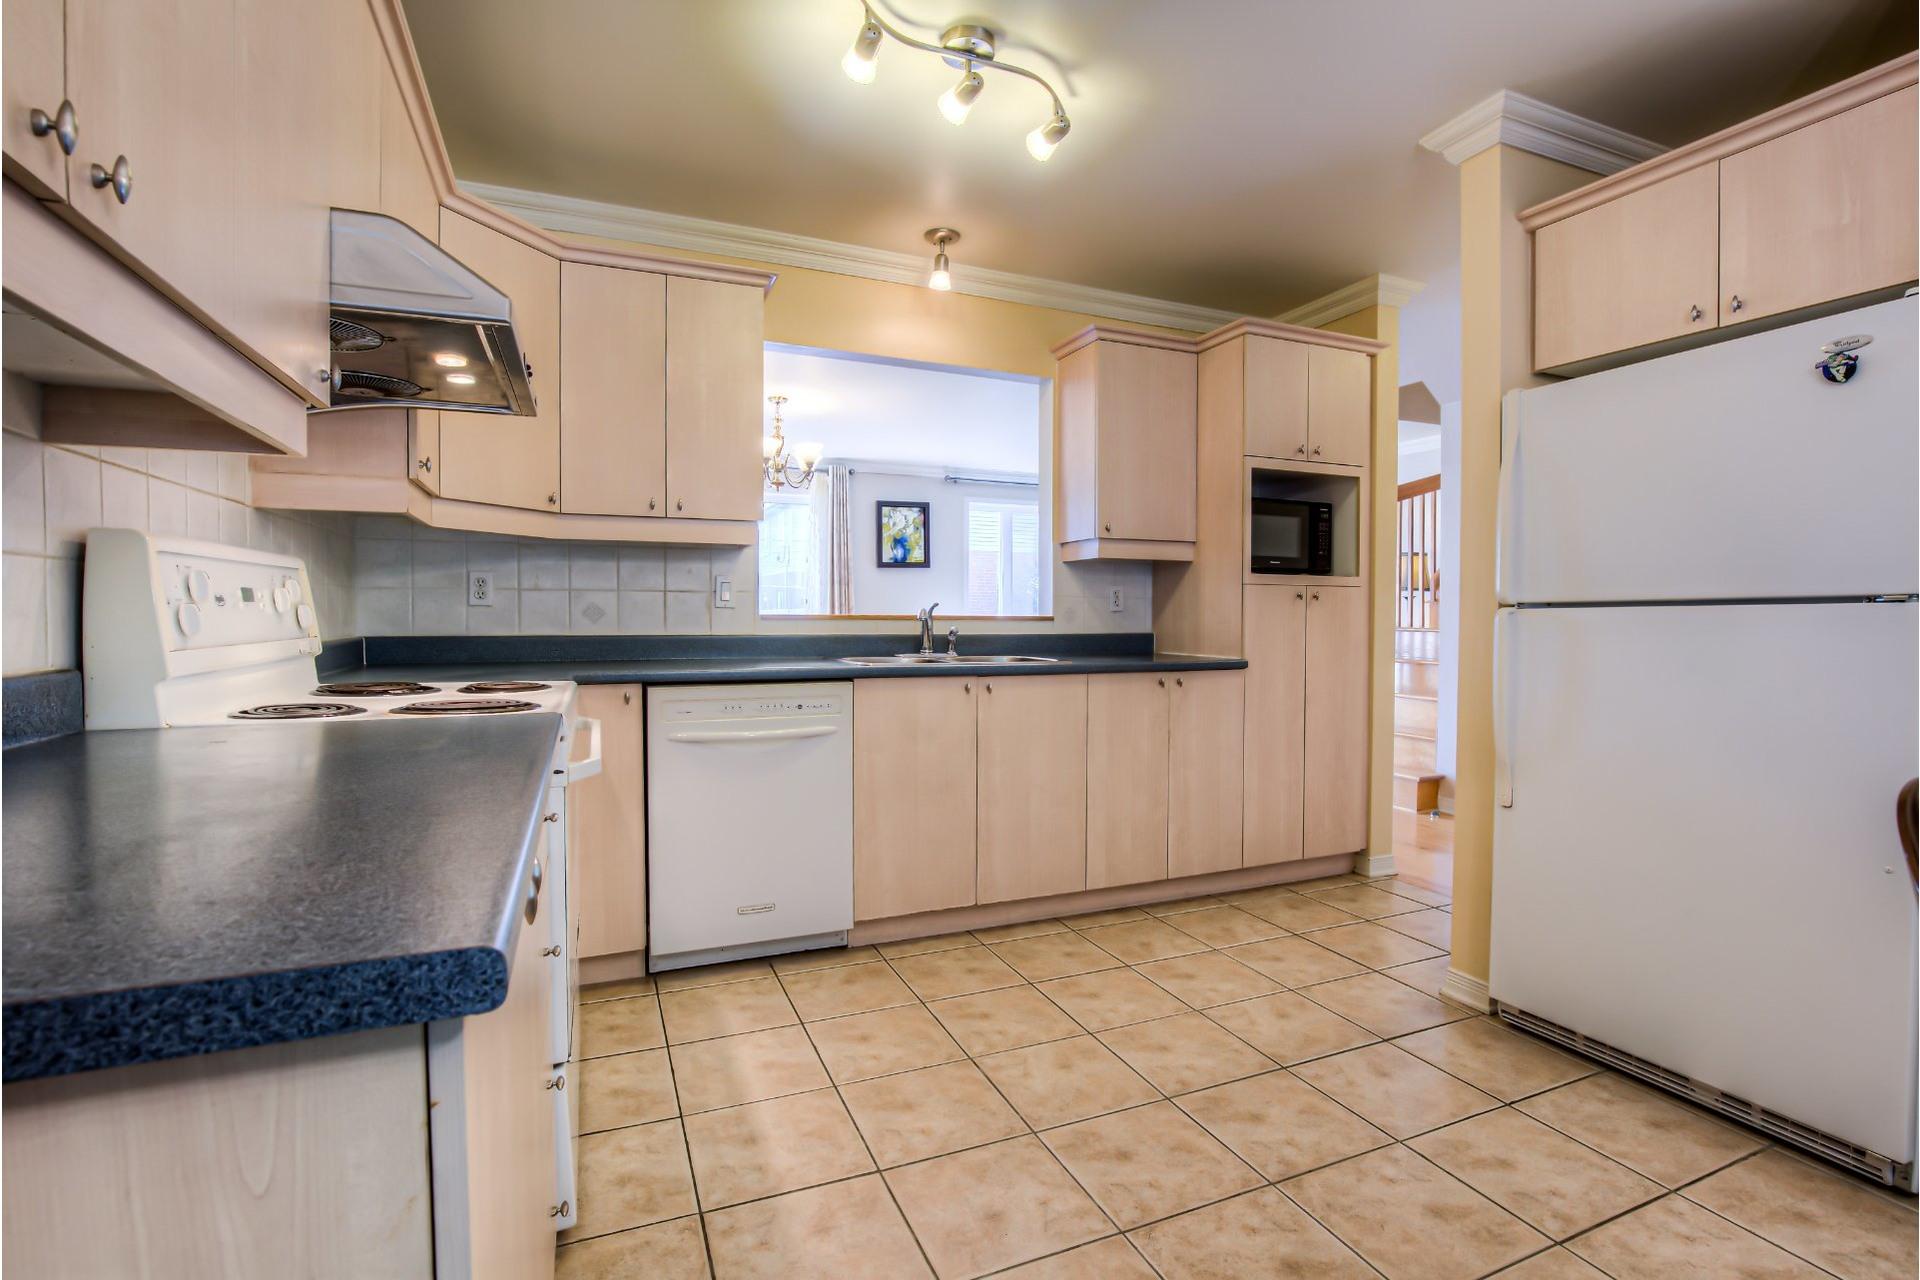 image 8 - Maison À vendre Pierrefonds-Roxboro Montréal  - 8 pièces